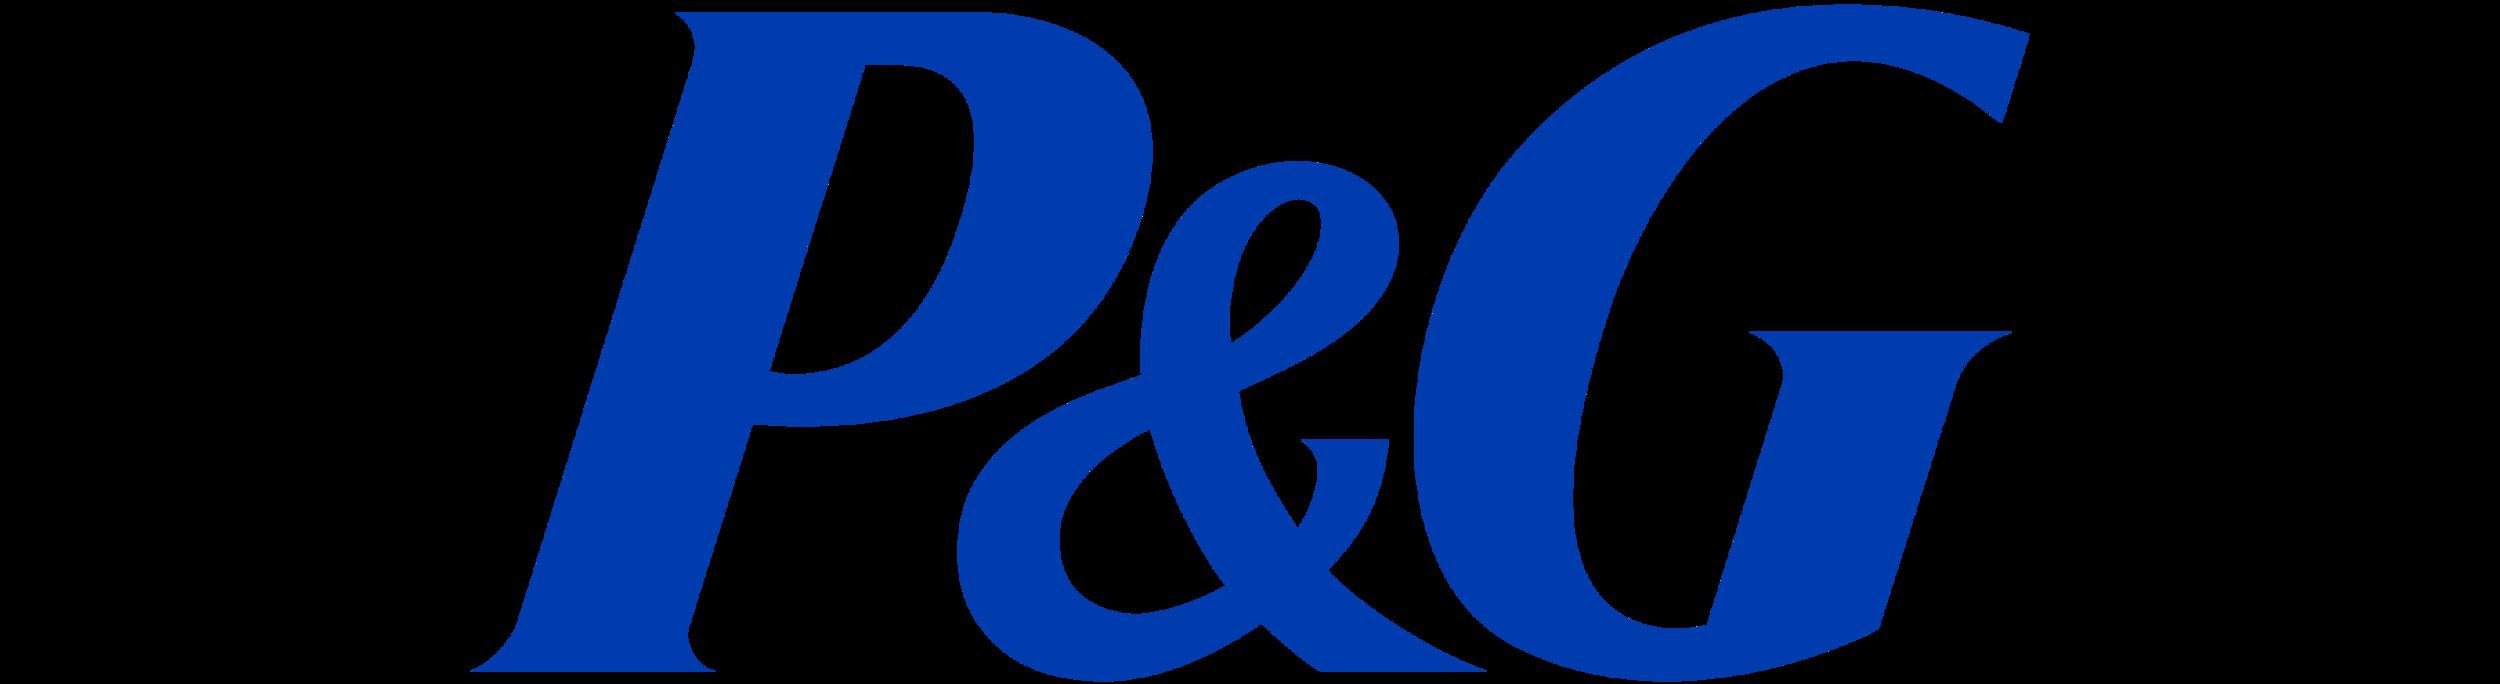 Procter_and_Gamble_LogoCROP.png